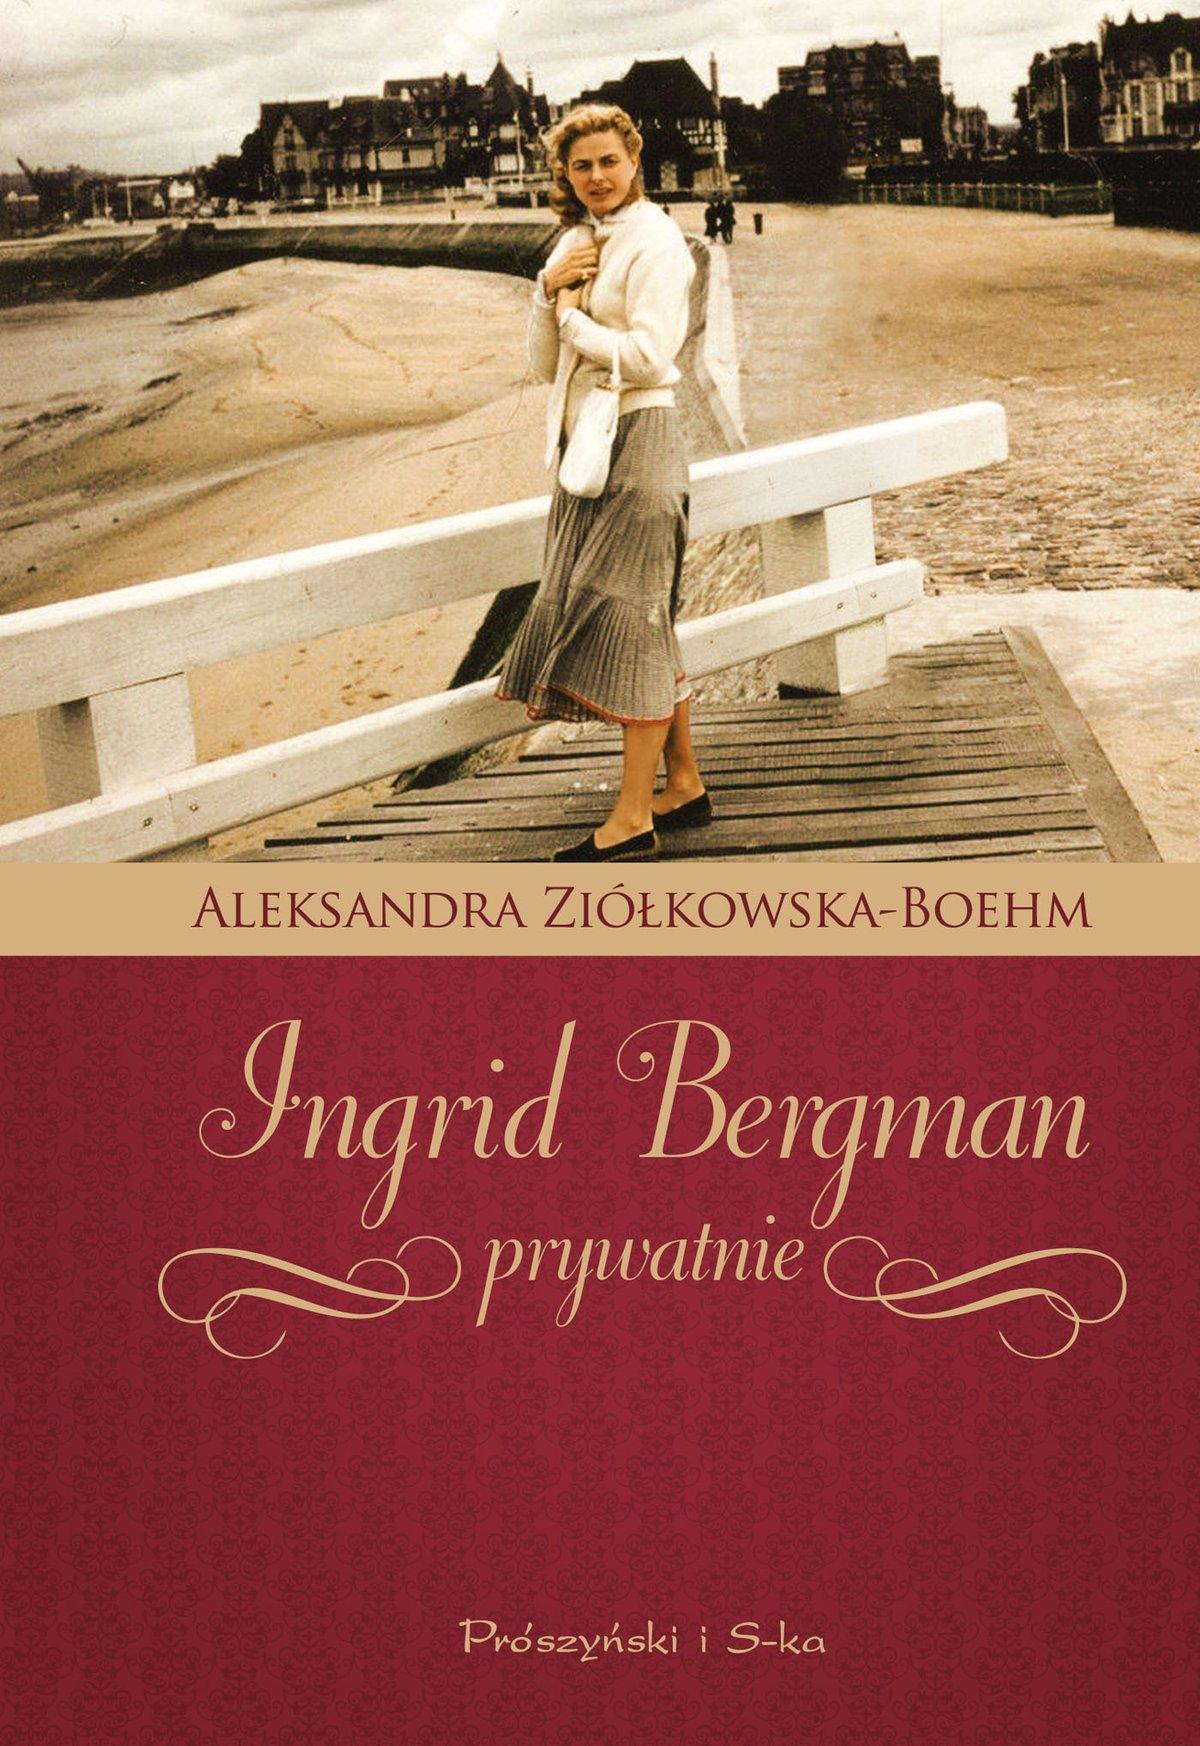 Ingrid Bergman prywatnie - Ebook (Książka EPUB) do pobrania w formacie EPUB